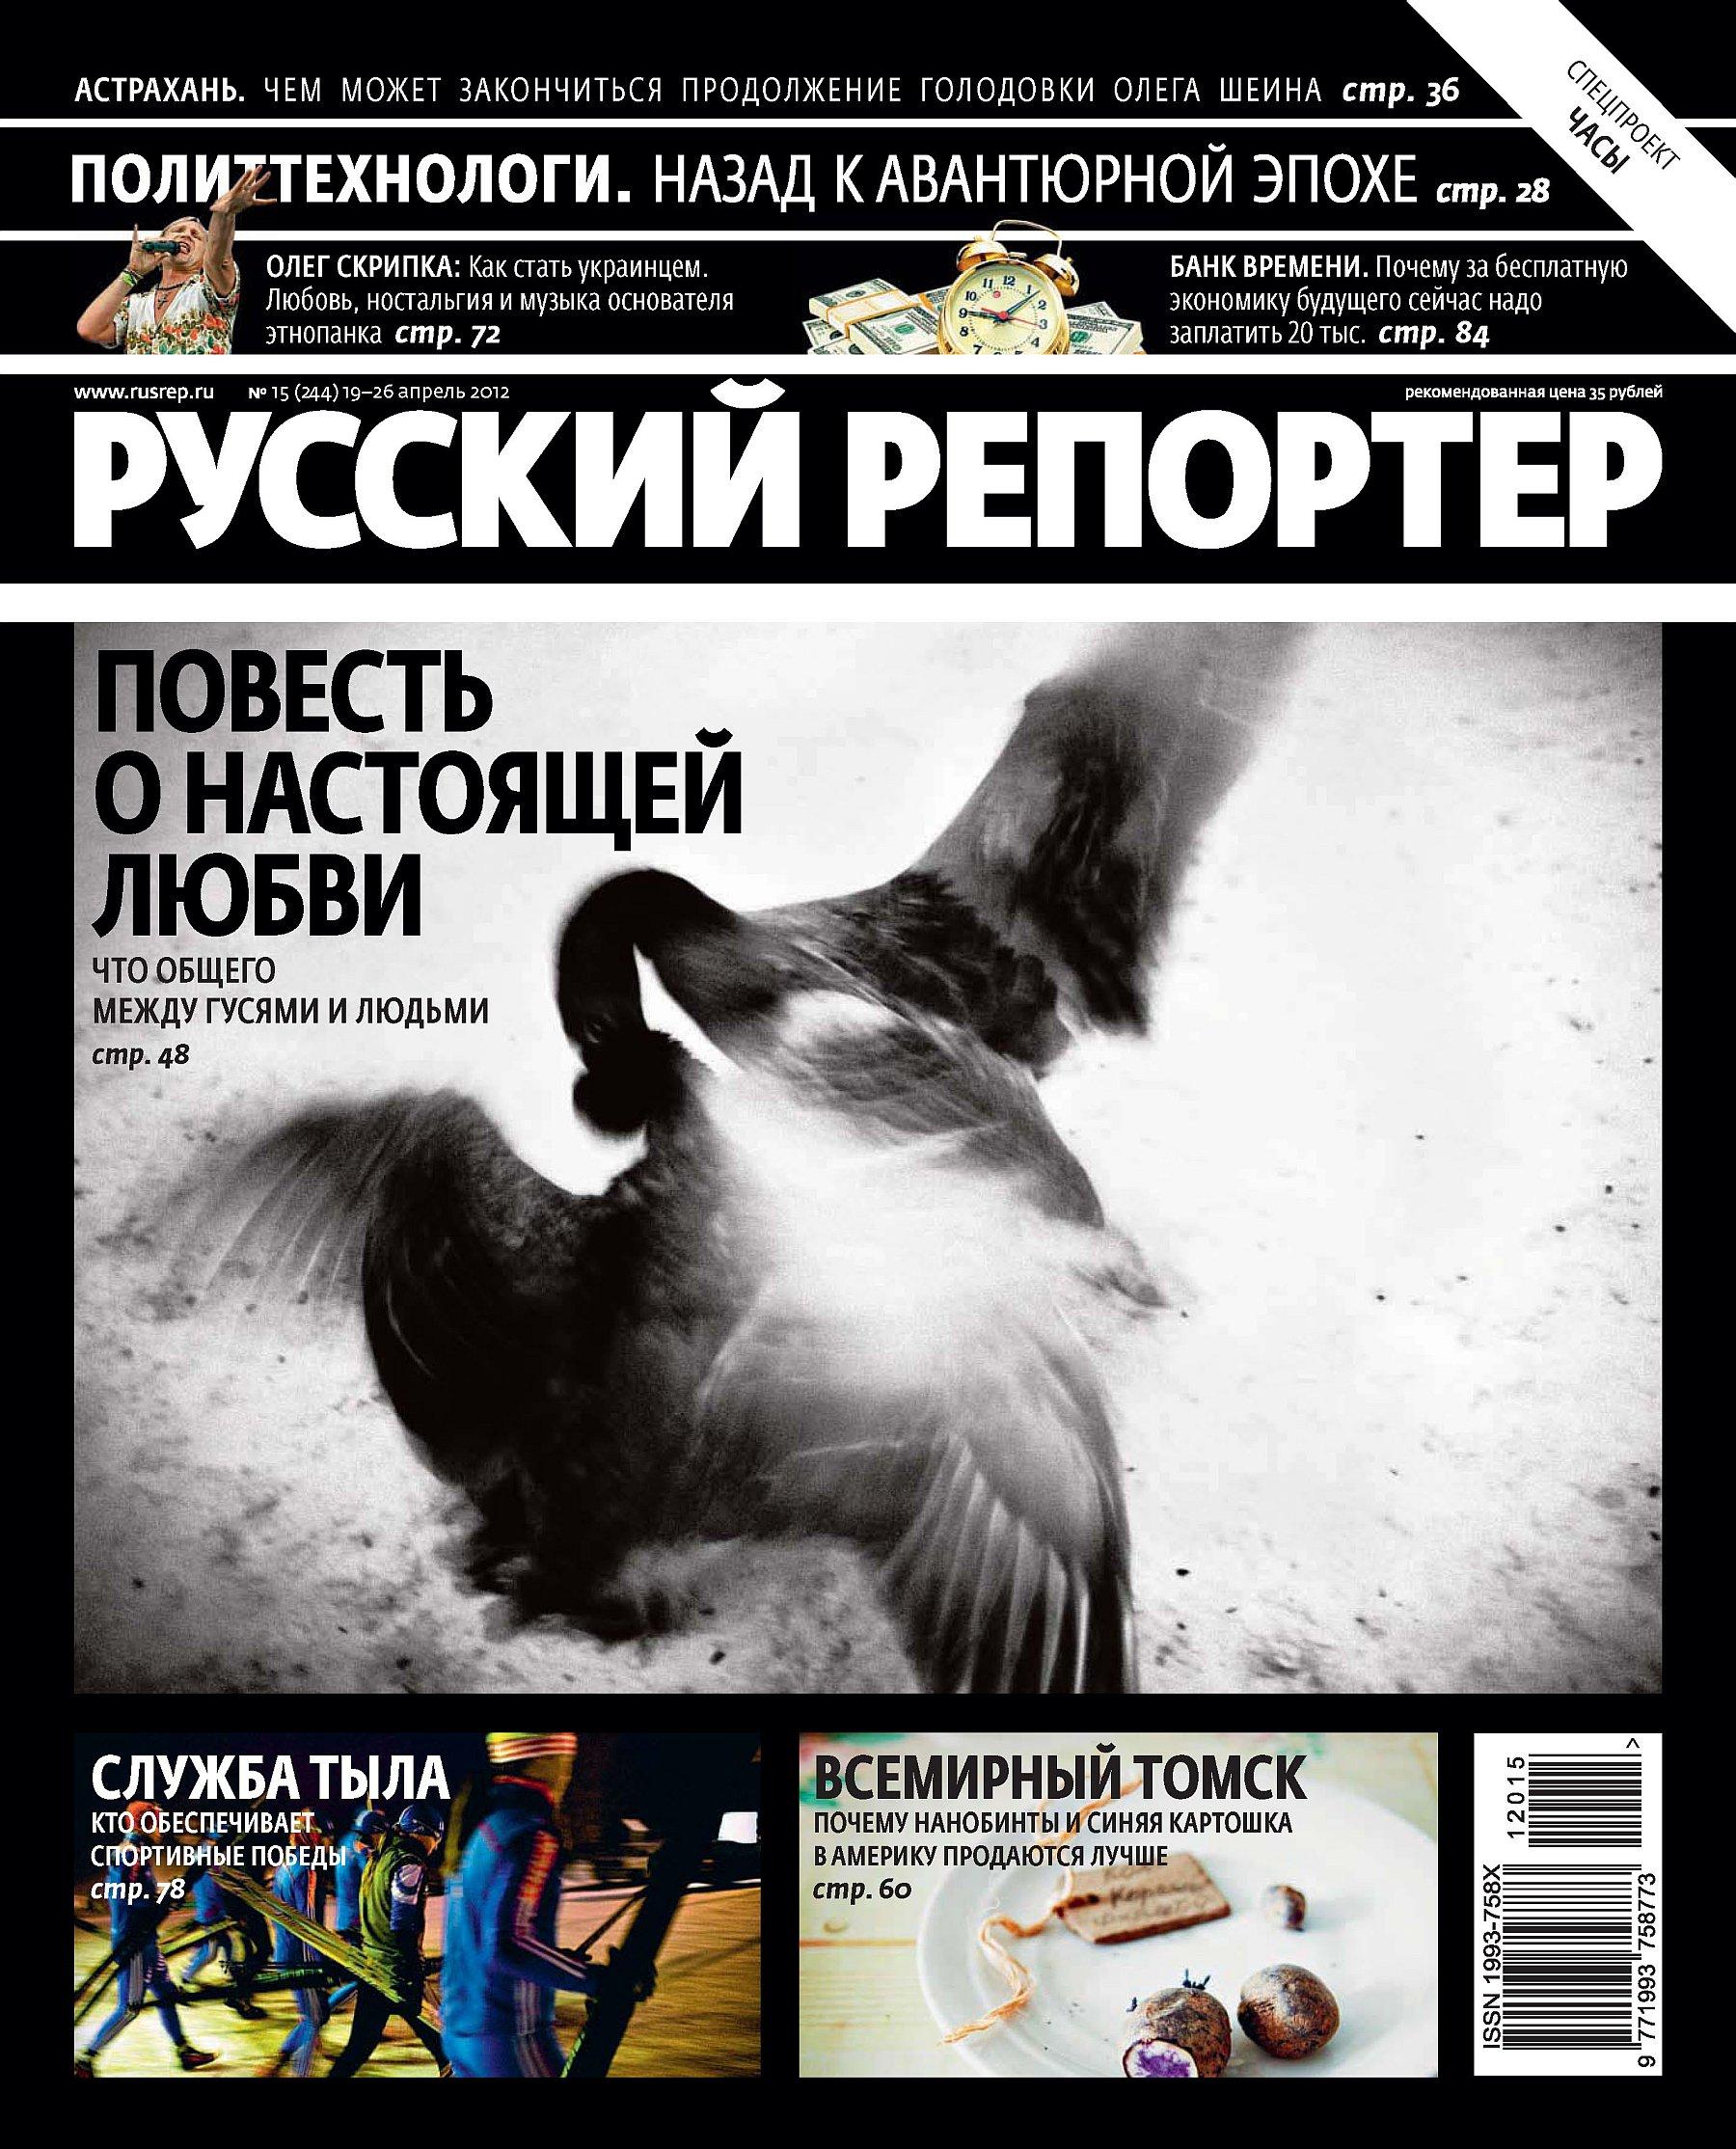 Фото - Отсутствует Русский Репортер №15/2012 отсутствует русский репортер 15 2012